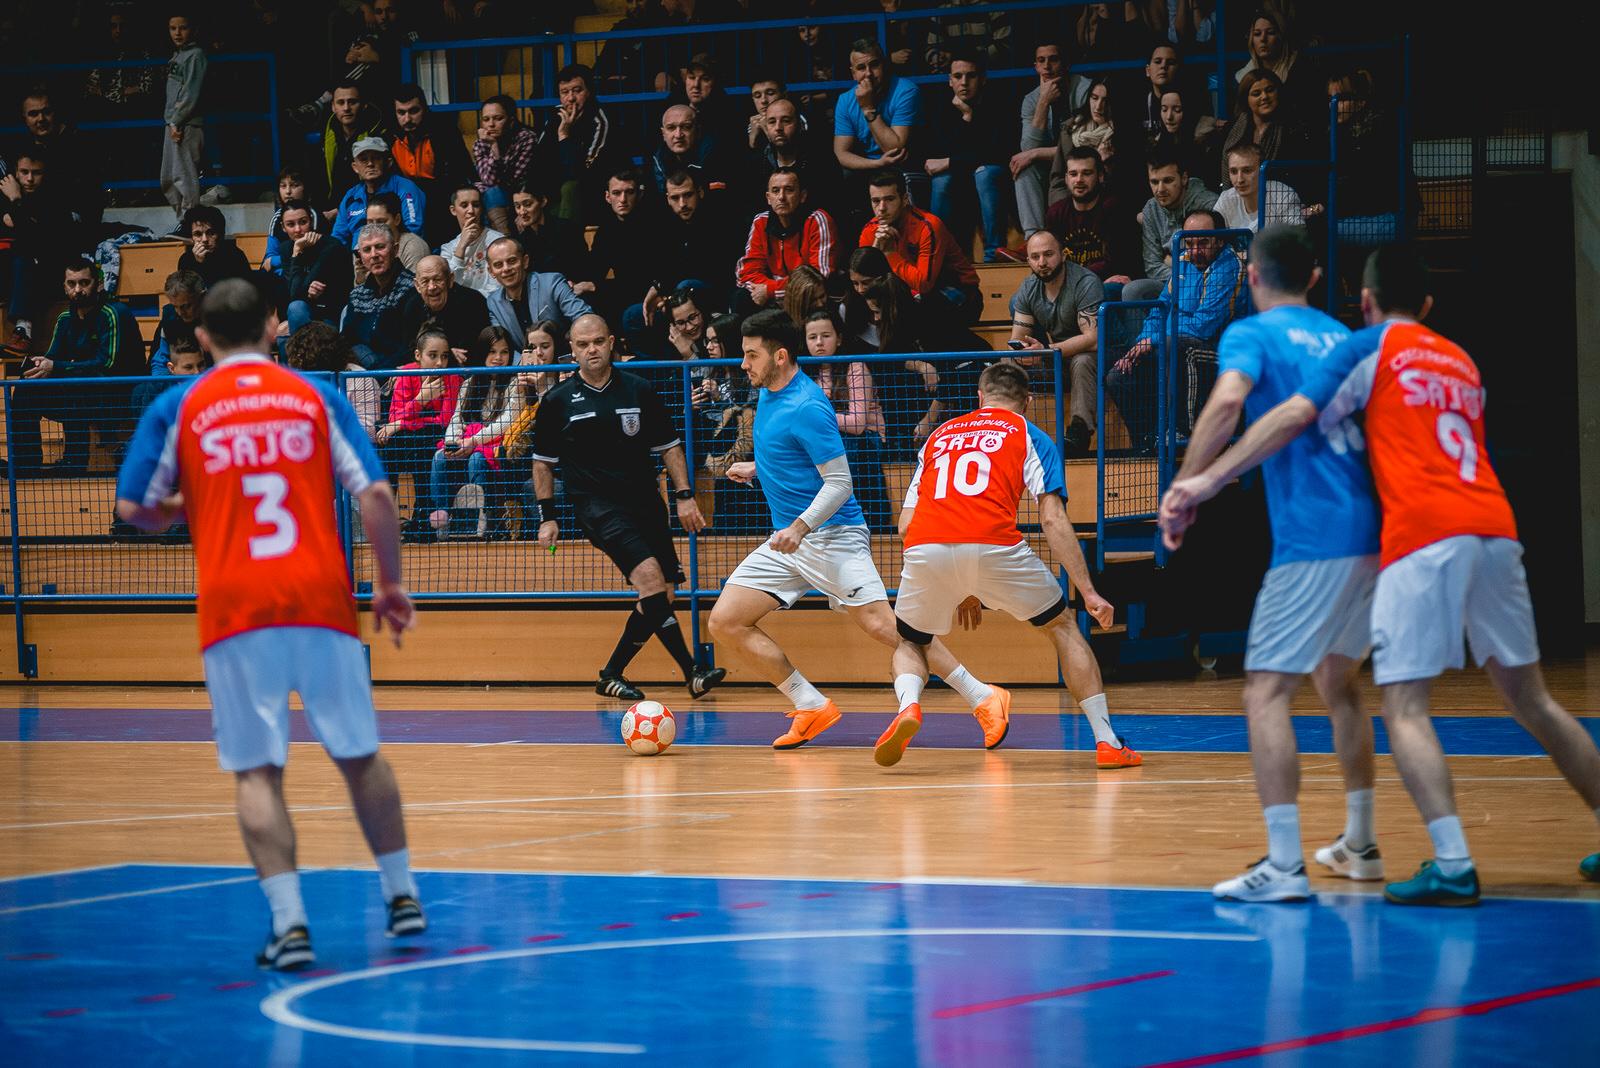 likaclub_gospić_zimski-malonogometni-turnir-2018-19-61